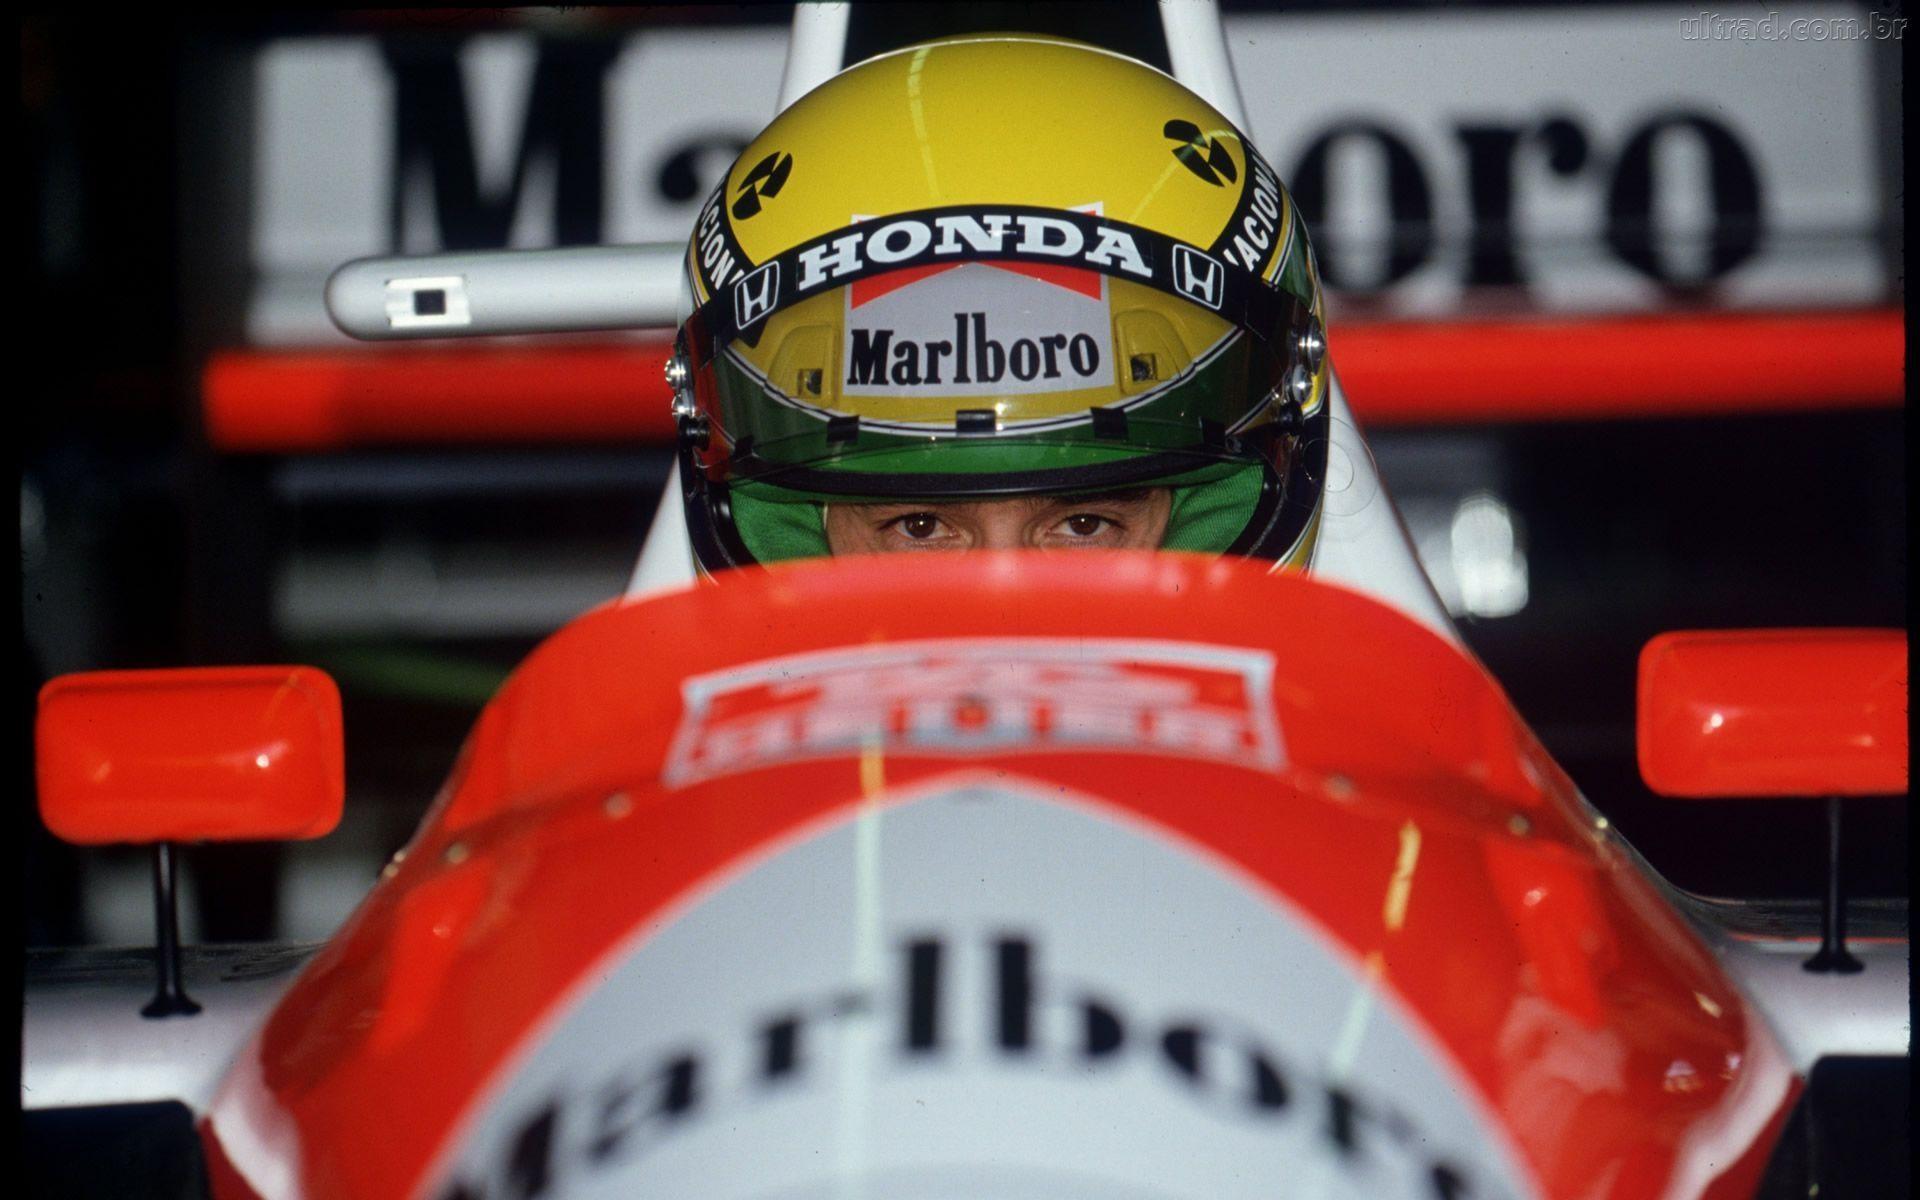 Capacete Do Ayrton Senna 1456677 Hd Wallpaper